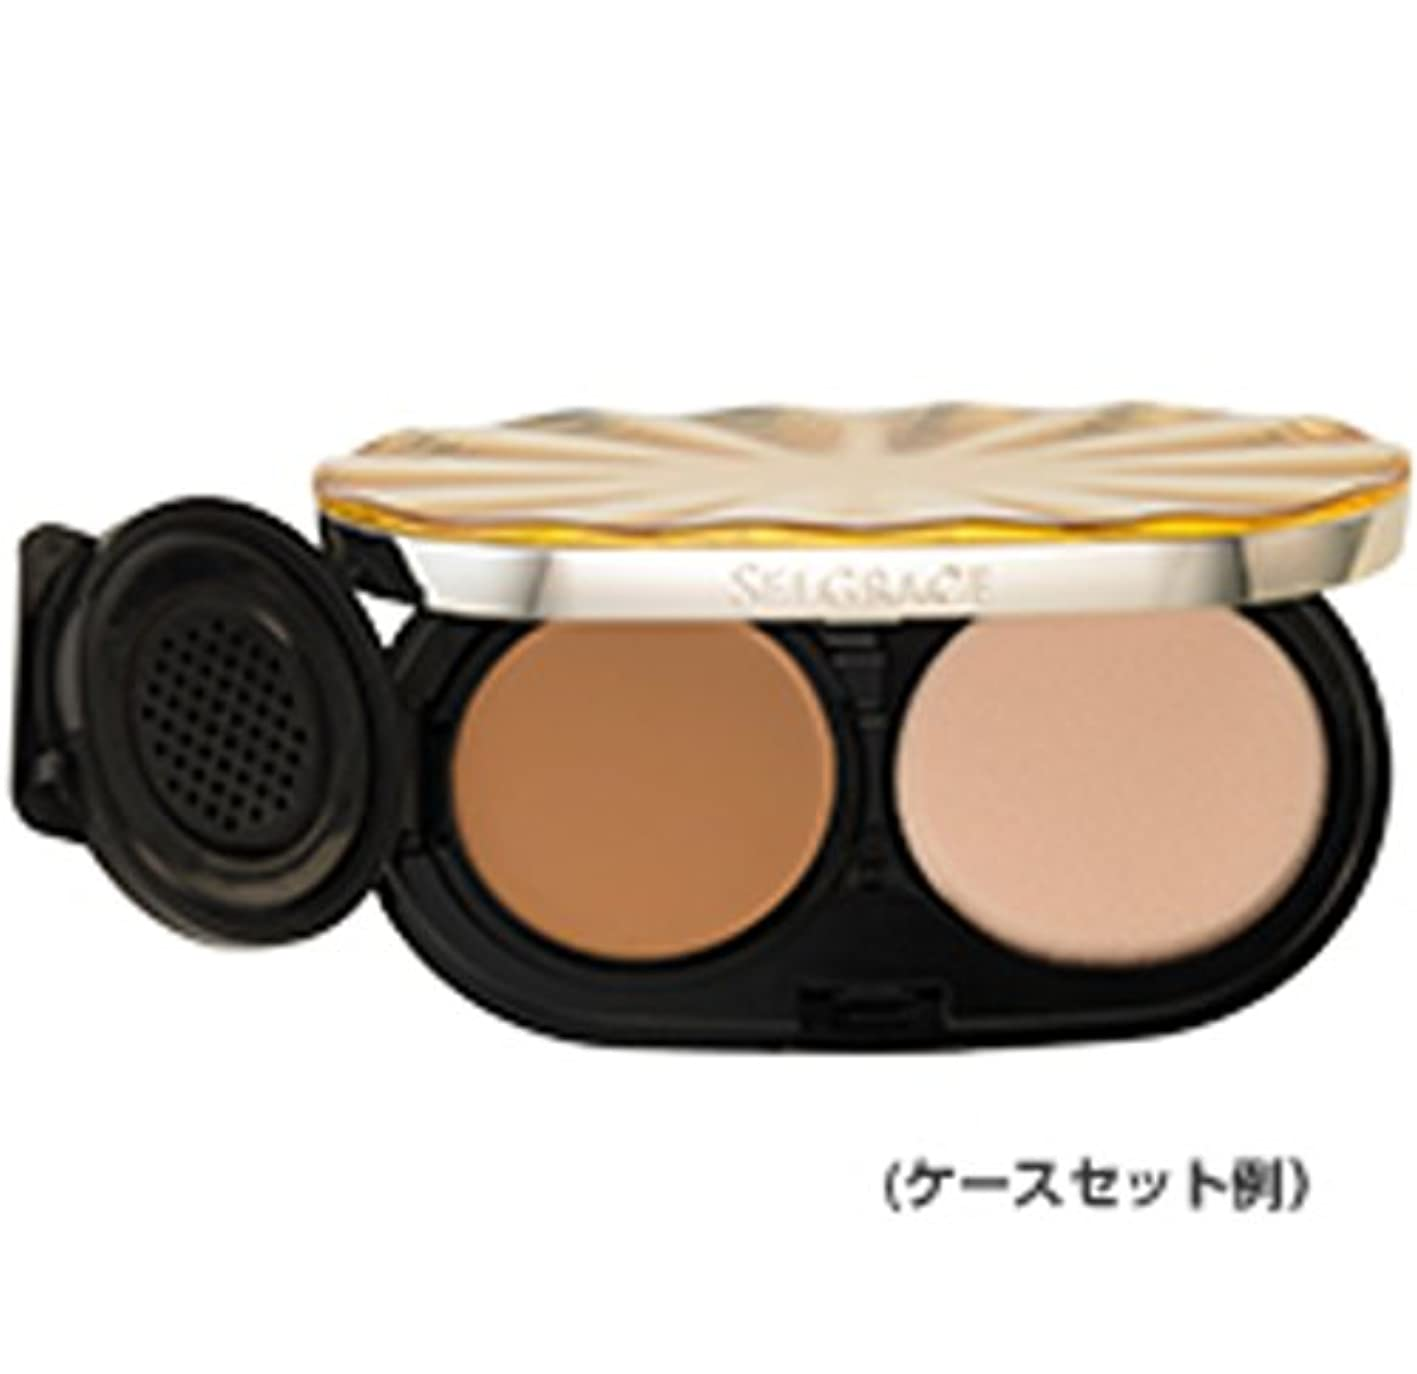 キャプテンブライお嬢どのくらいの頻度でナリス化粧品 セルグレース ベースインパクト ファンデーション 130 ライトピンクベージュ レフィル (スポンジ付き)